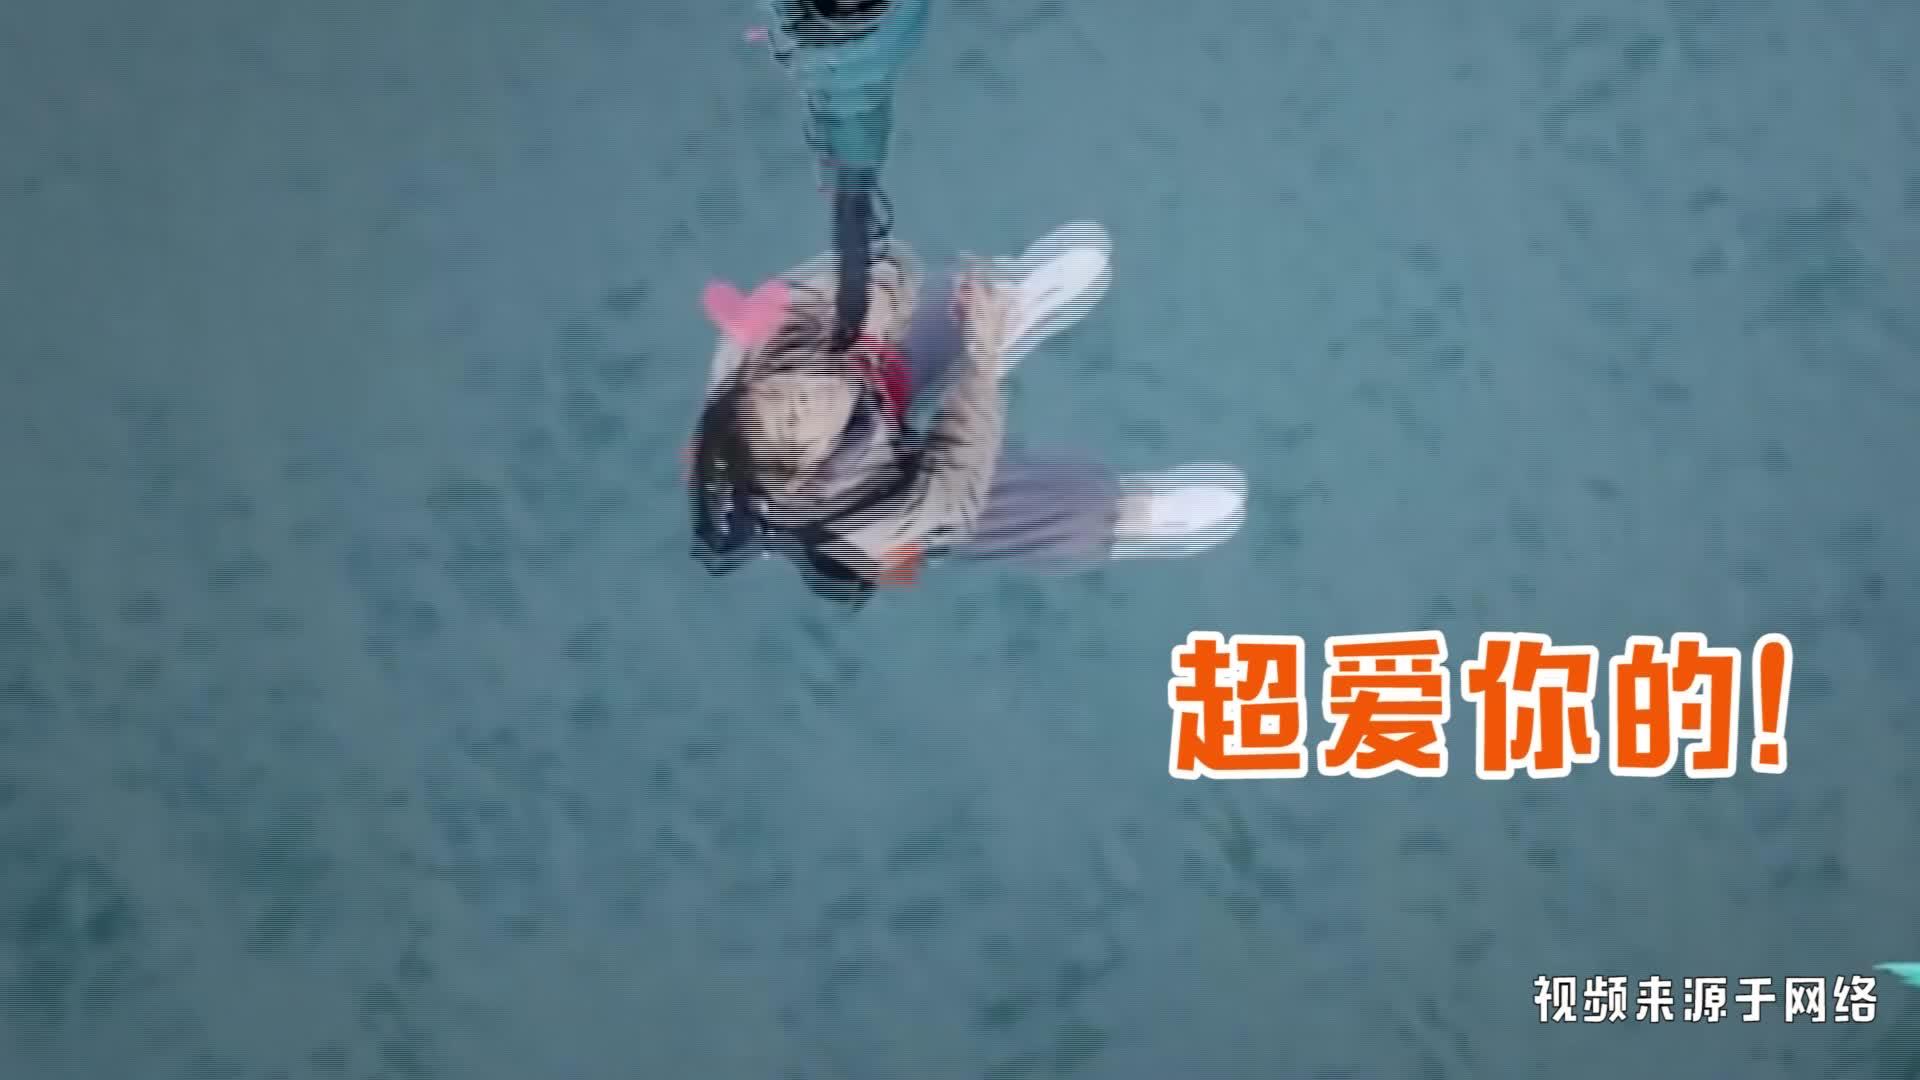 李承铉高空蹦极表白,浪漫场景被戚薇一句话破灭:我以为他在求救